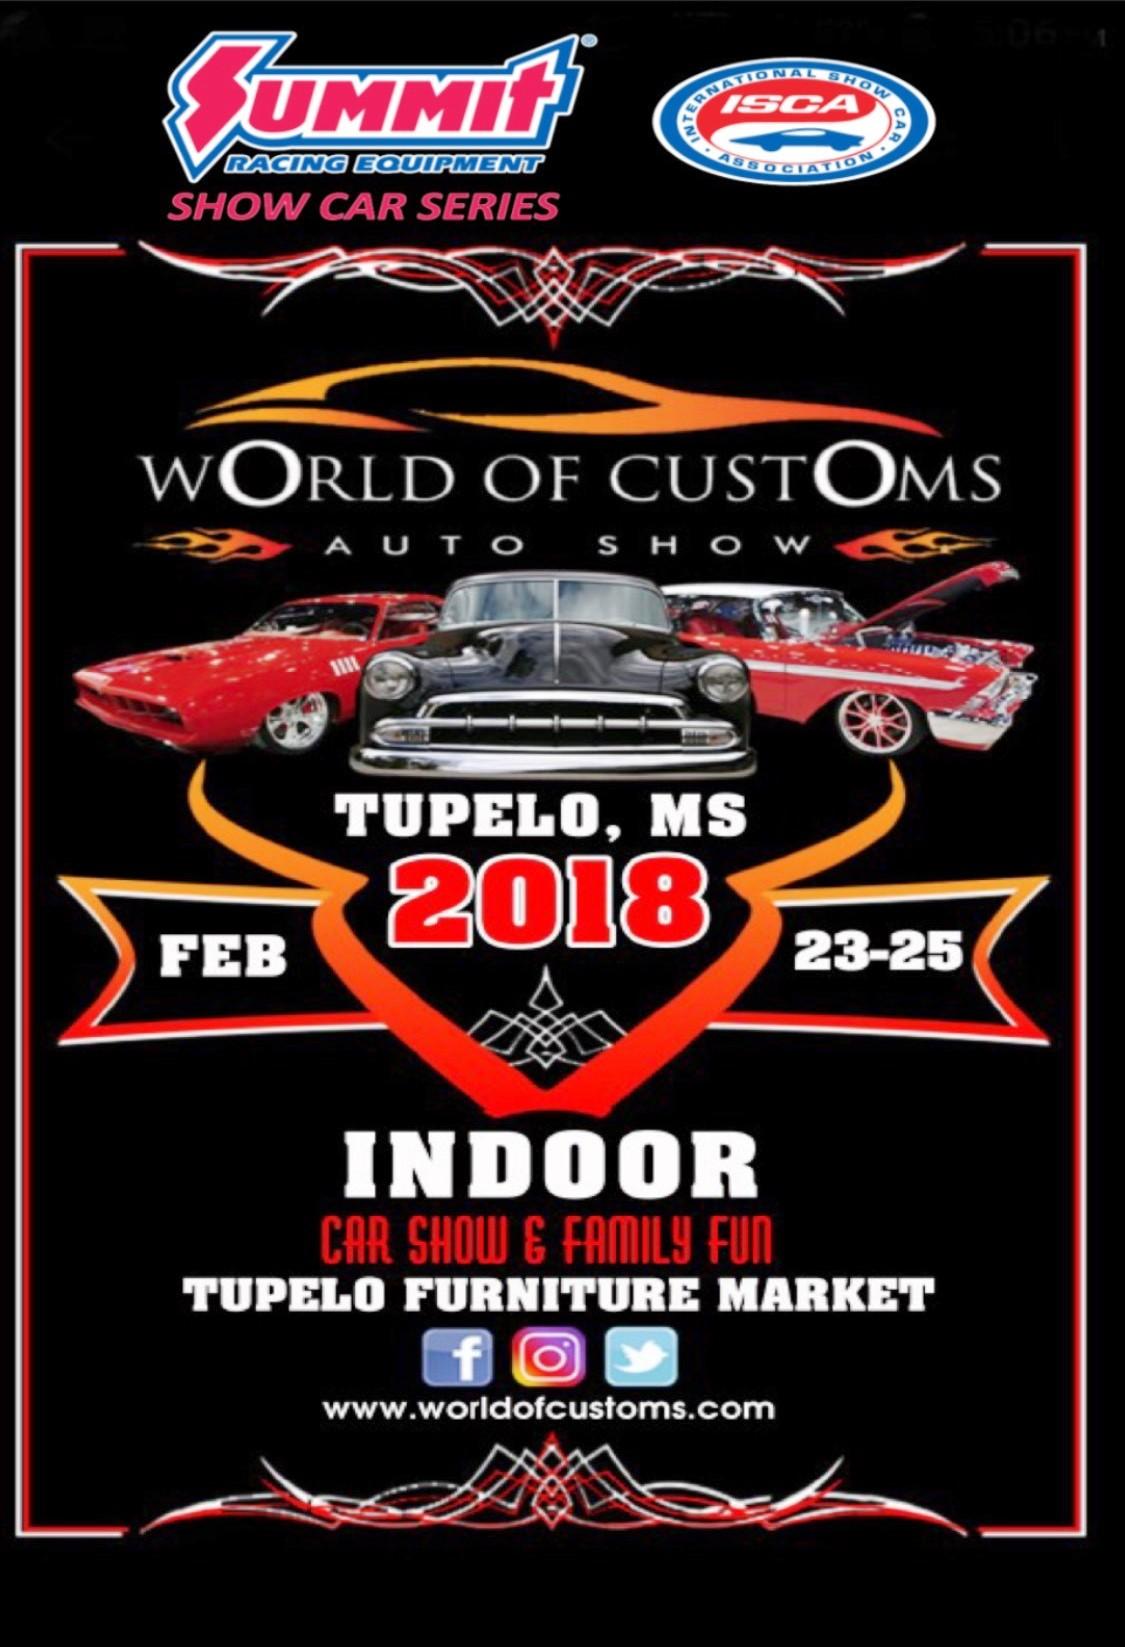 Tupelo Show Ad The International Show Car Association - Tupelo car show